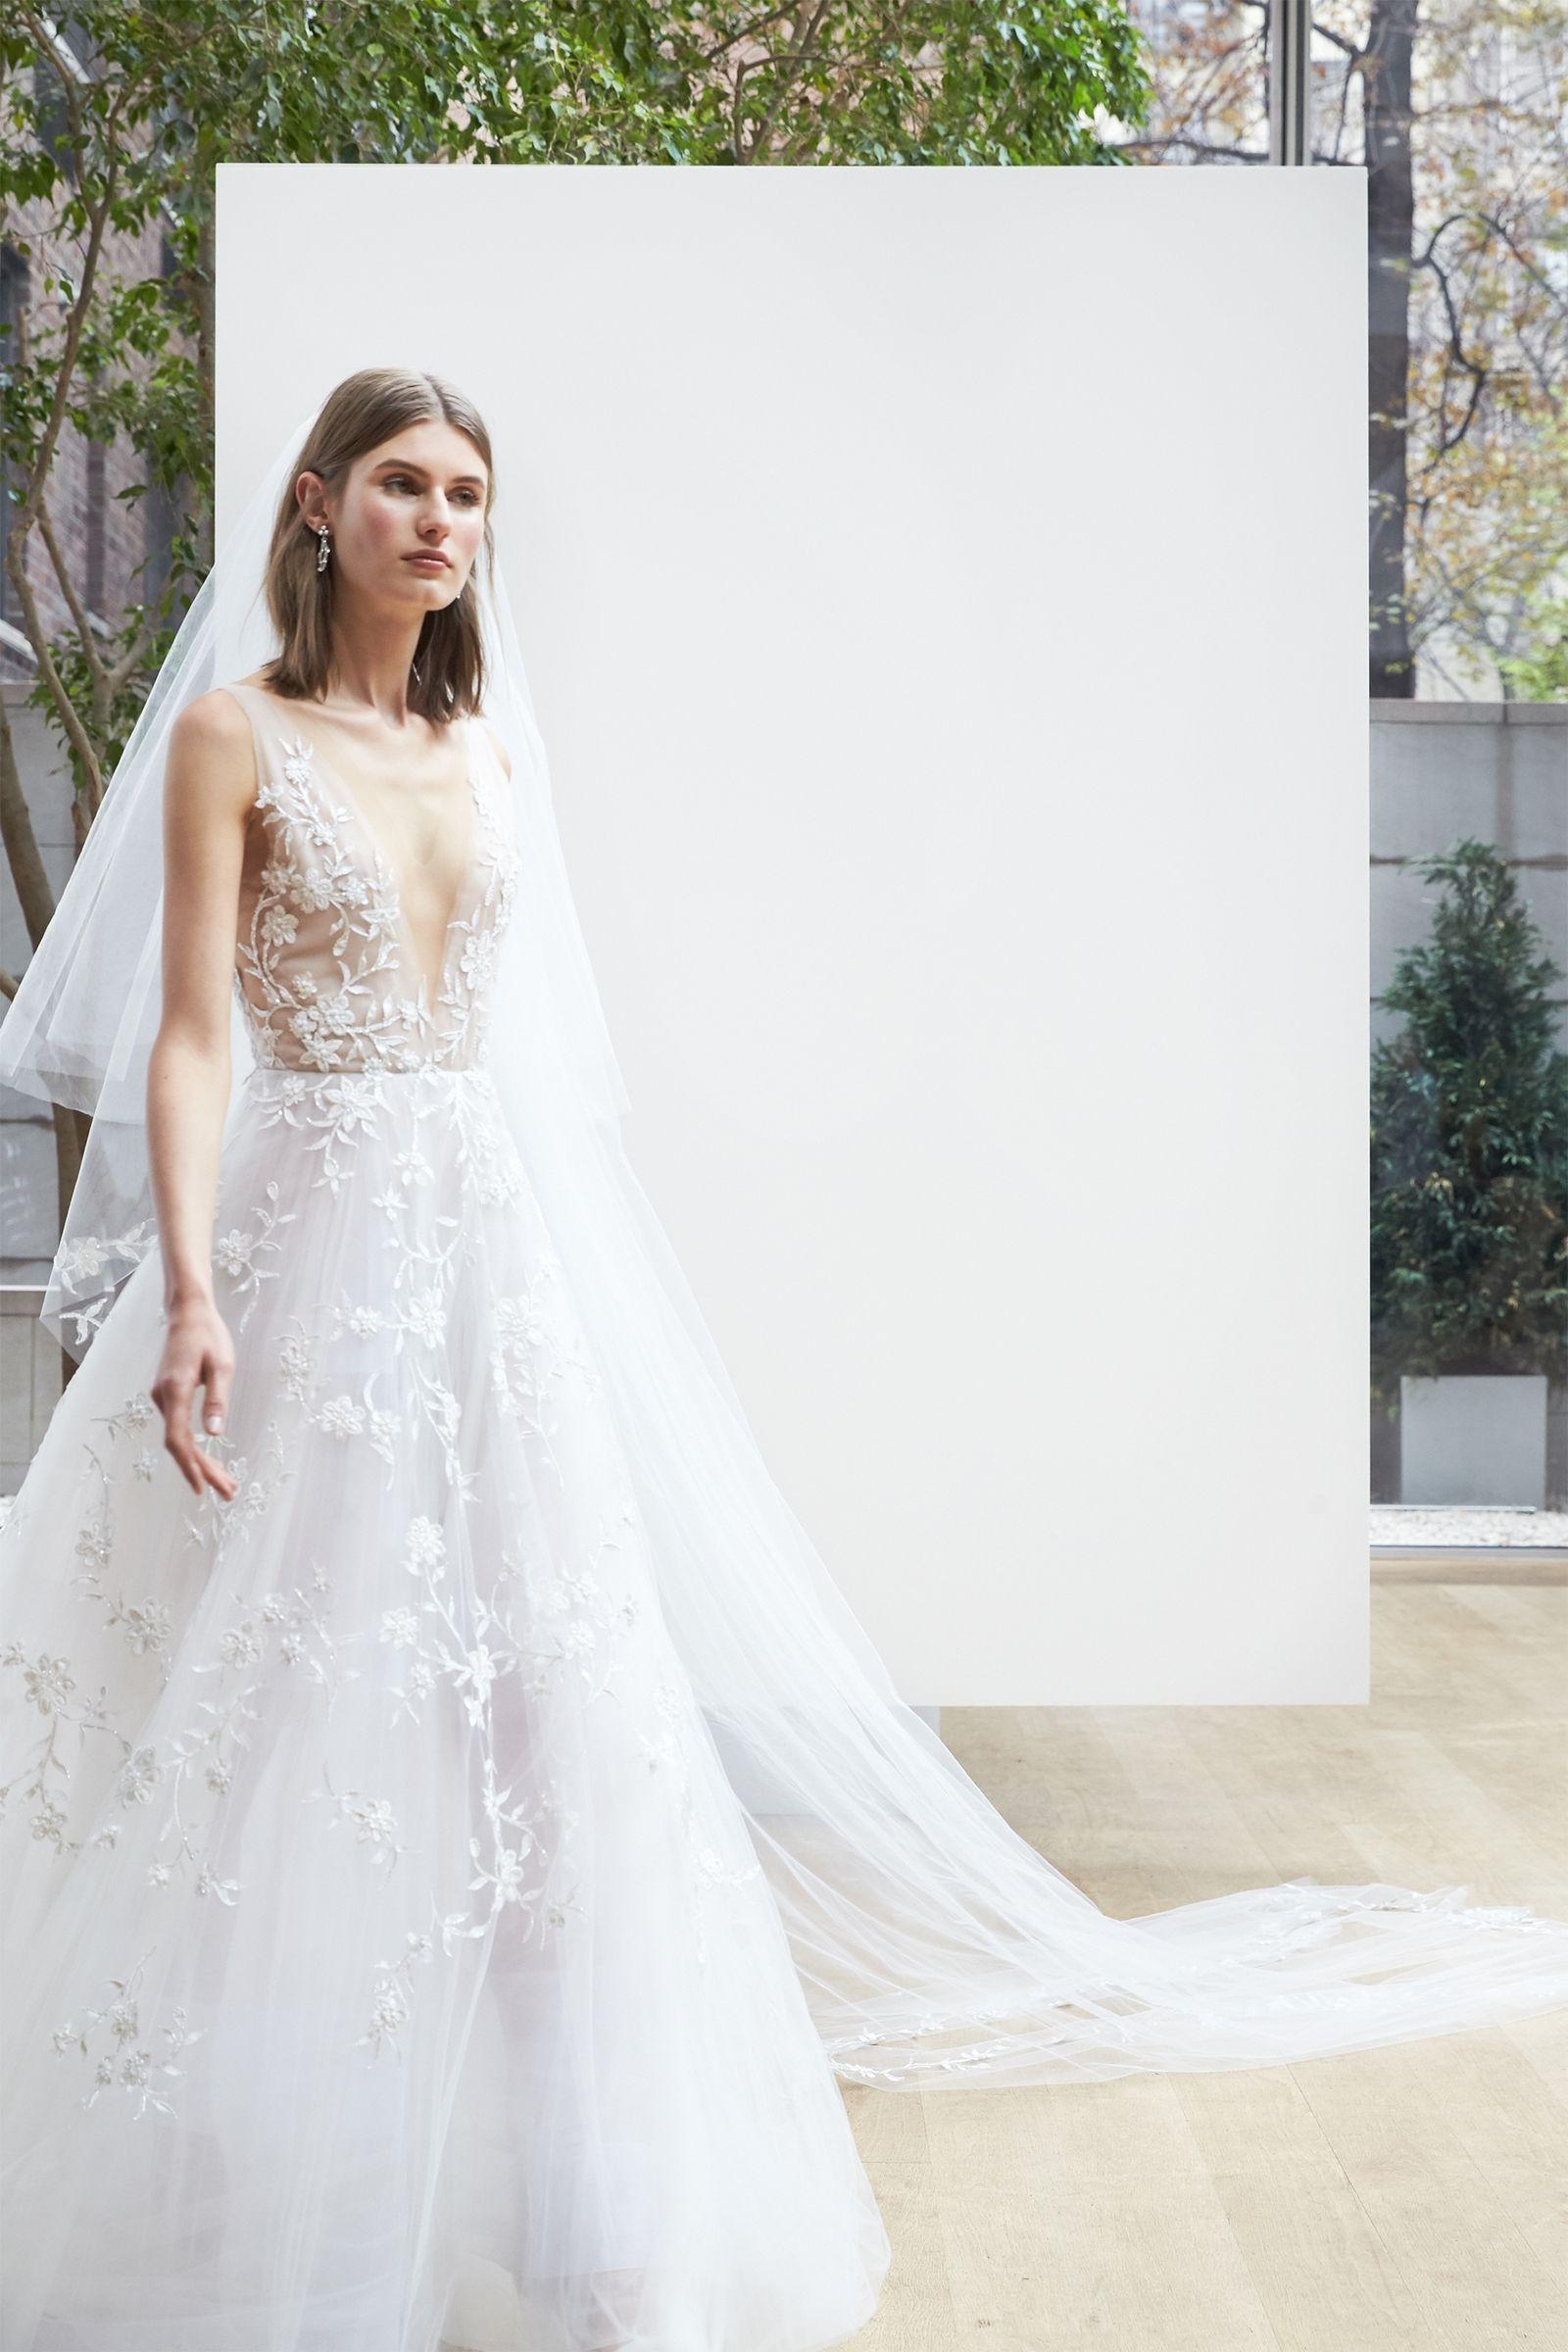 140 Effortless Looks for the Boho Bride   Wedding -Dress   Pinterest ...